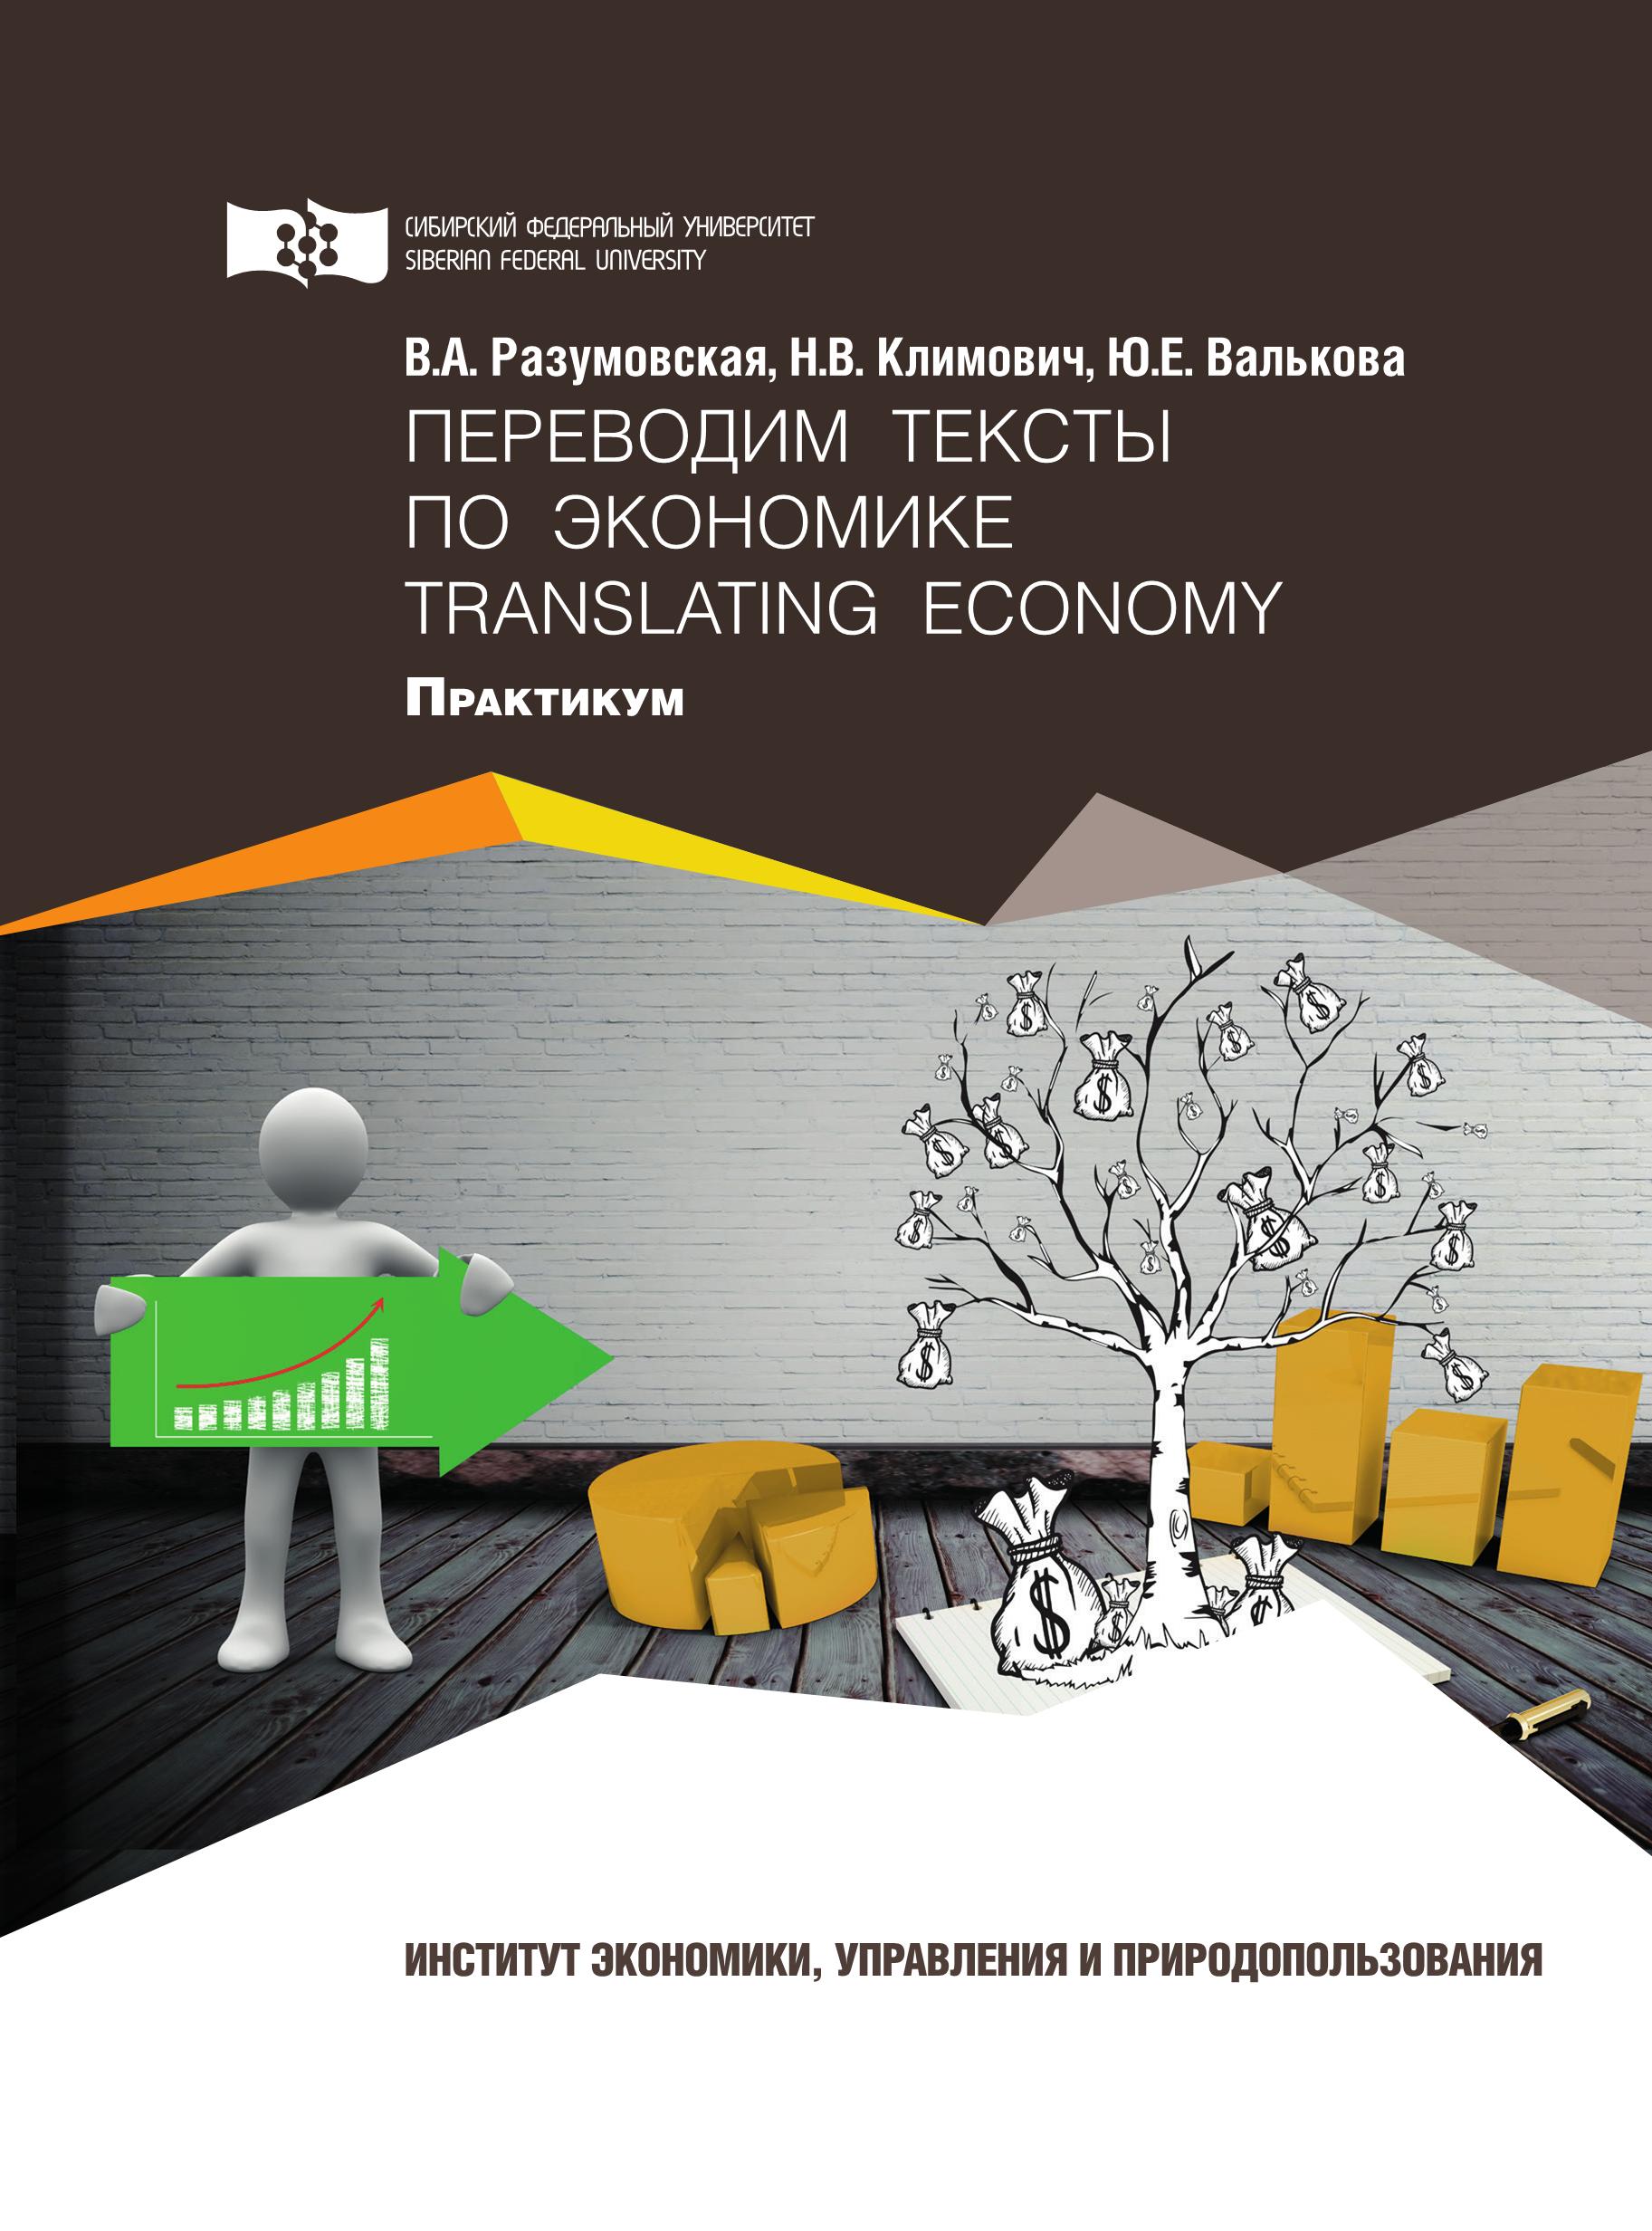 Вероника Разумовская Переводим тексты по экономике = Translating Economy